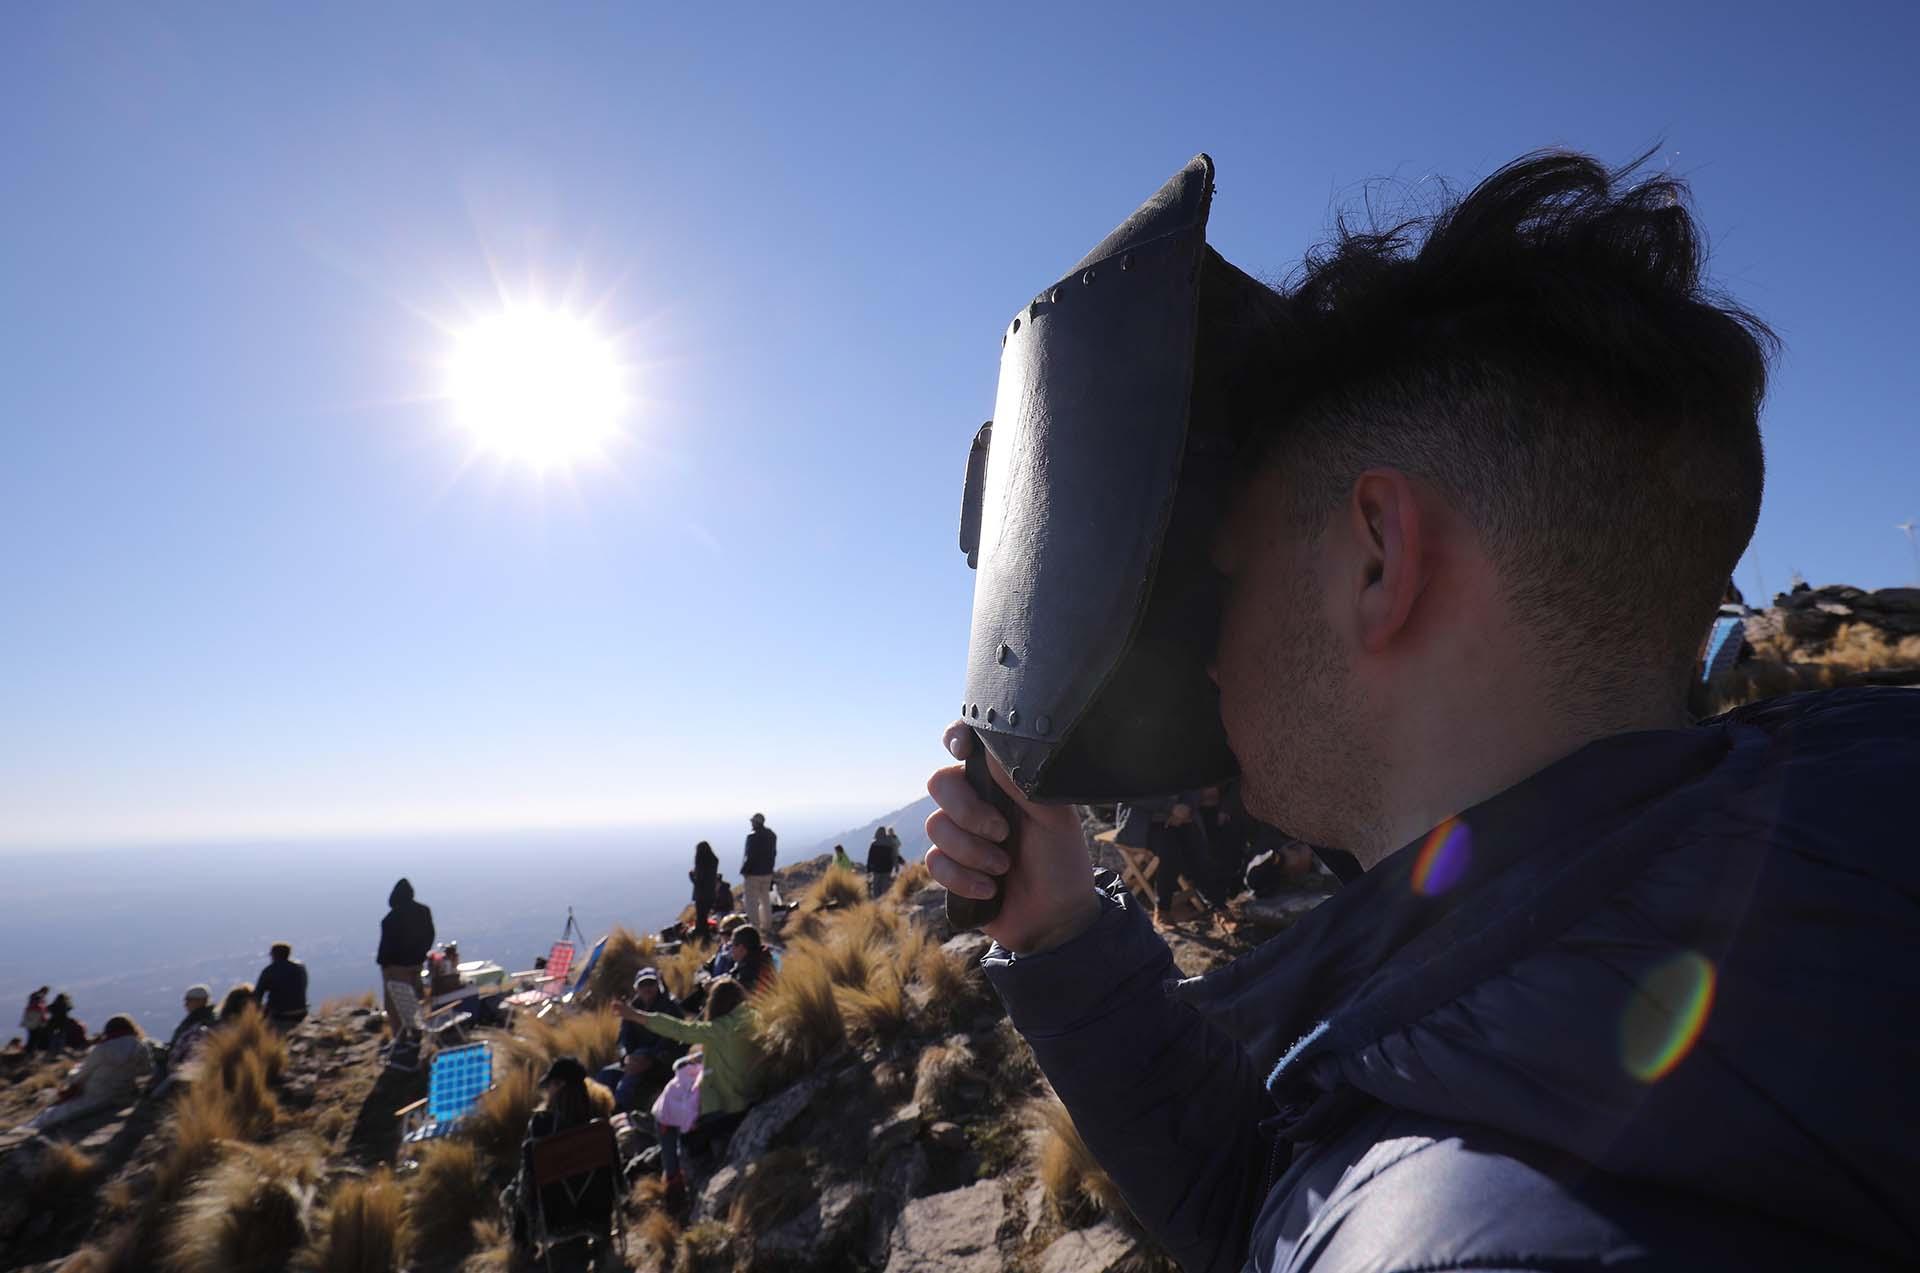 Un hombre mira el sol con una mascara para soldar antes del eclipse solar total en la ciudad de Merlo, San Luis, Argentina (EFE/Nicolas Aguilera)